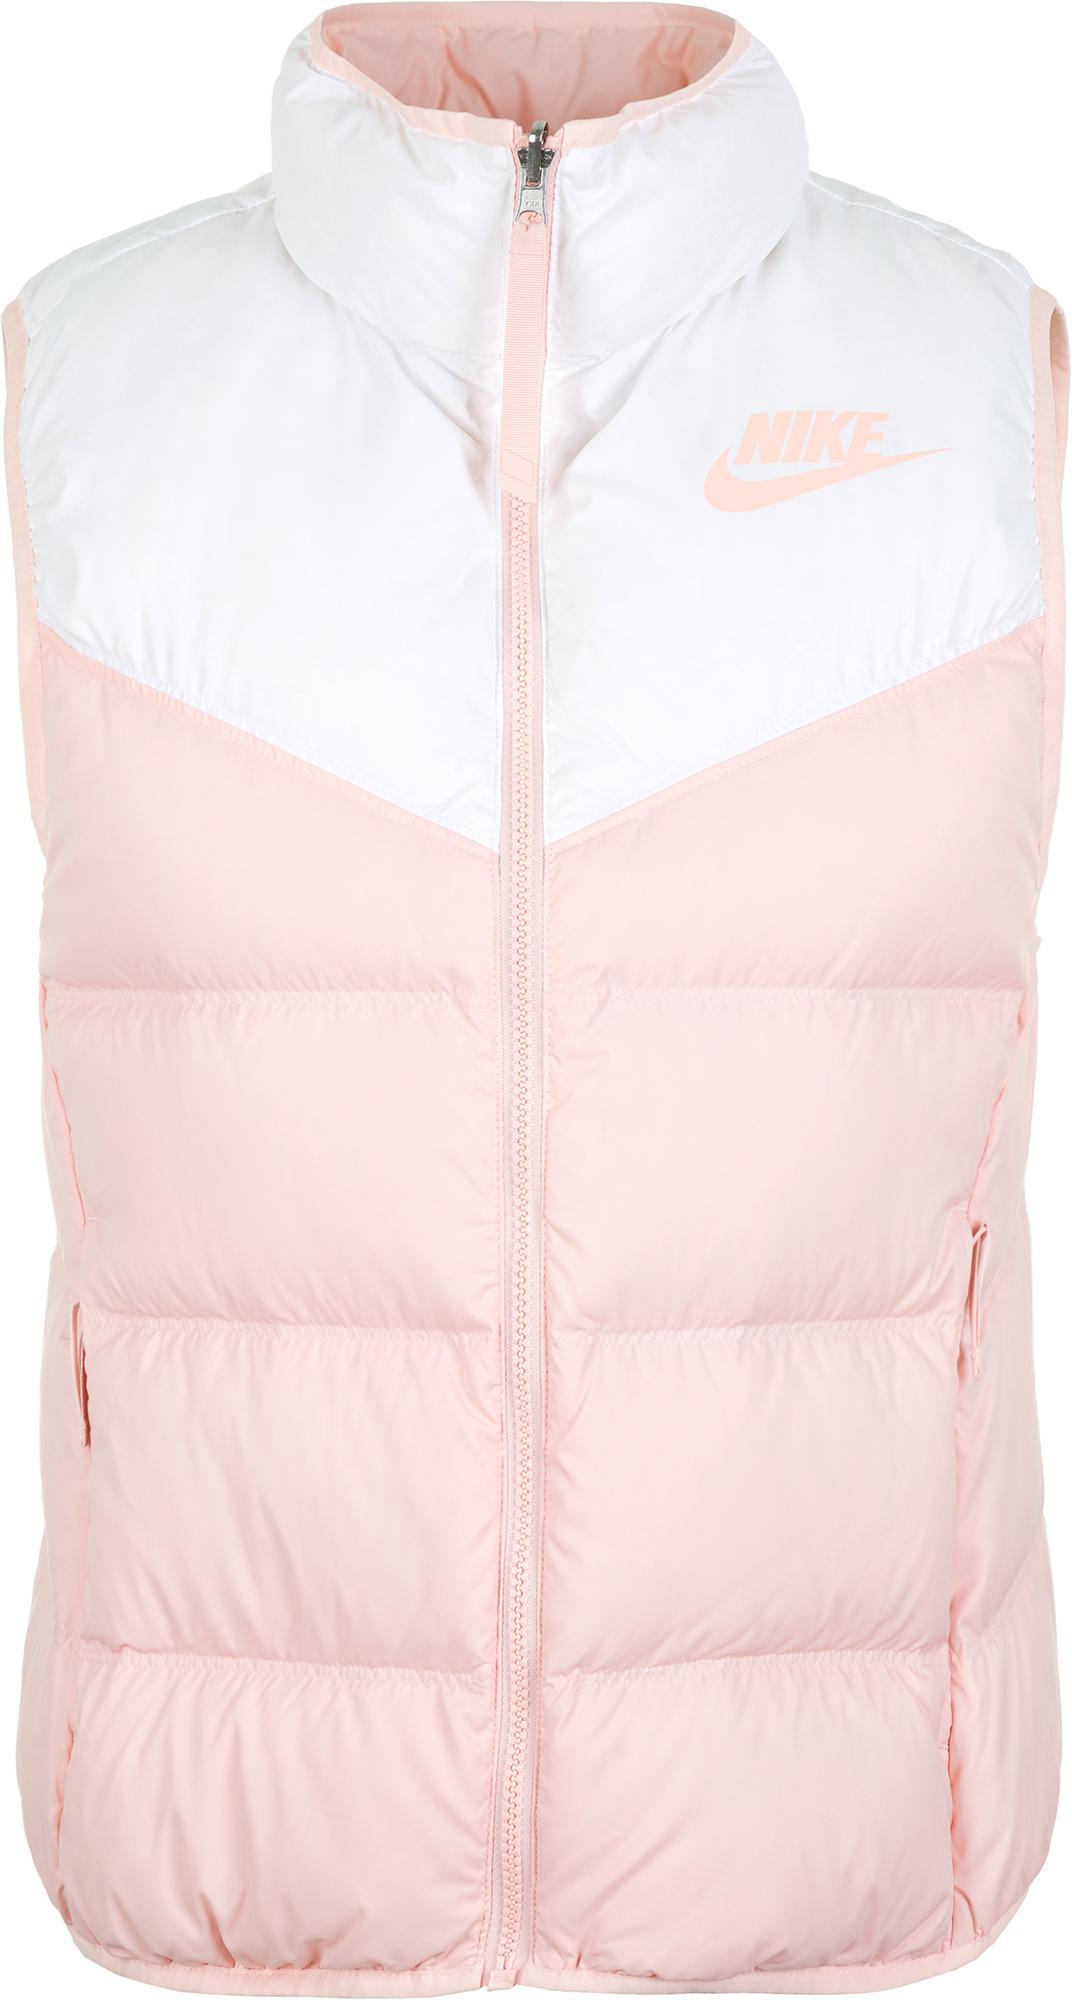 Nike Жилет пуховый женский Sportswear, размер 42-44